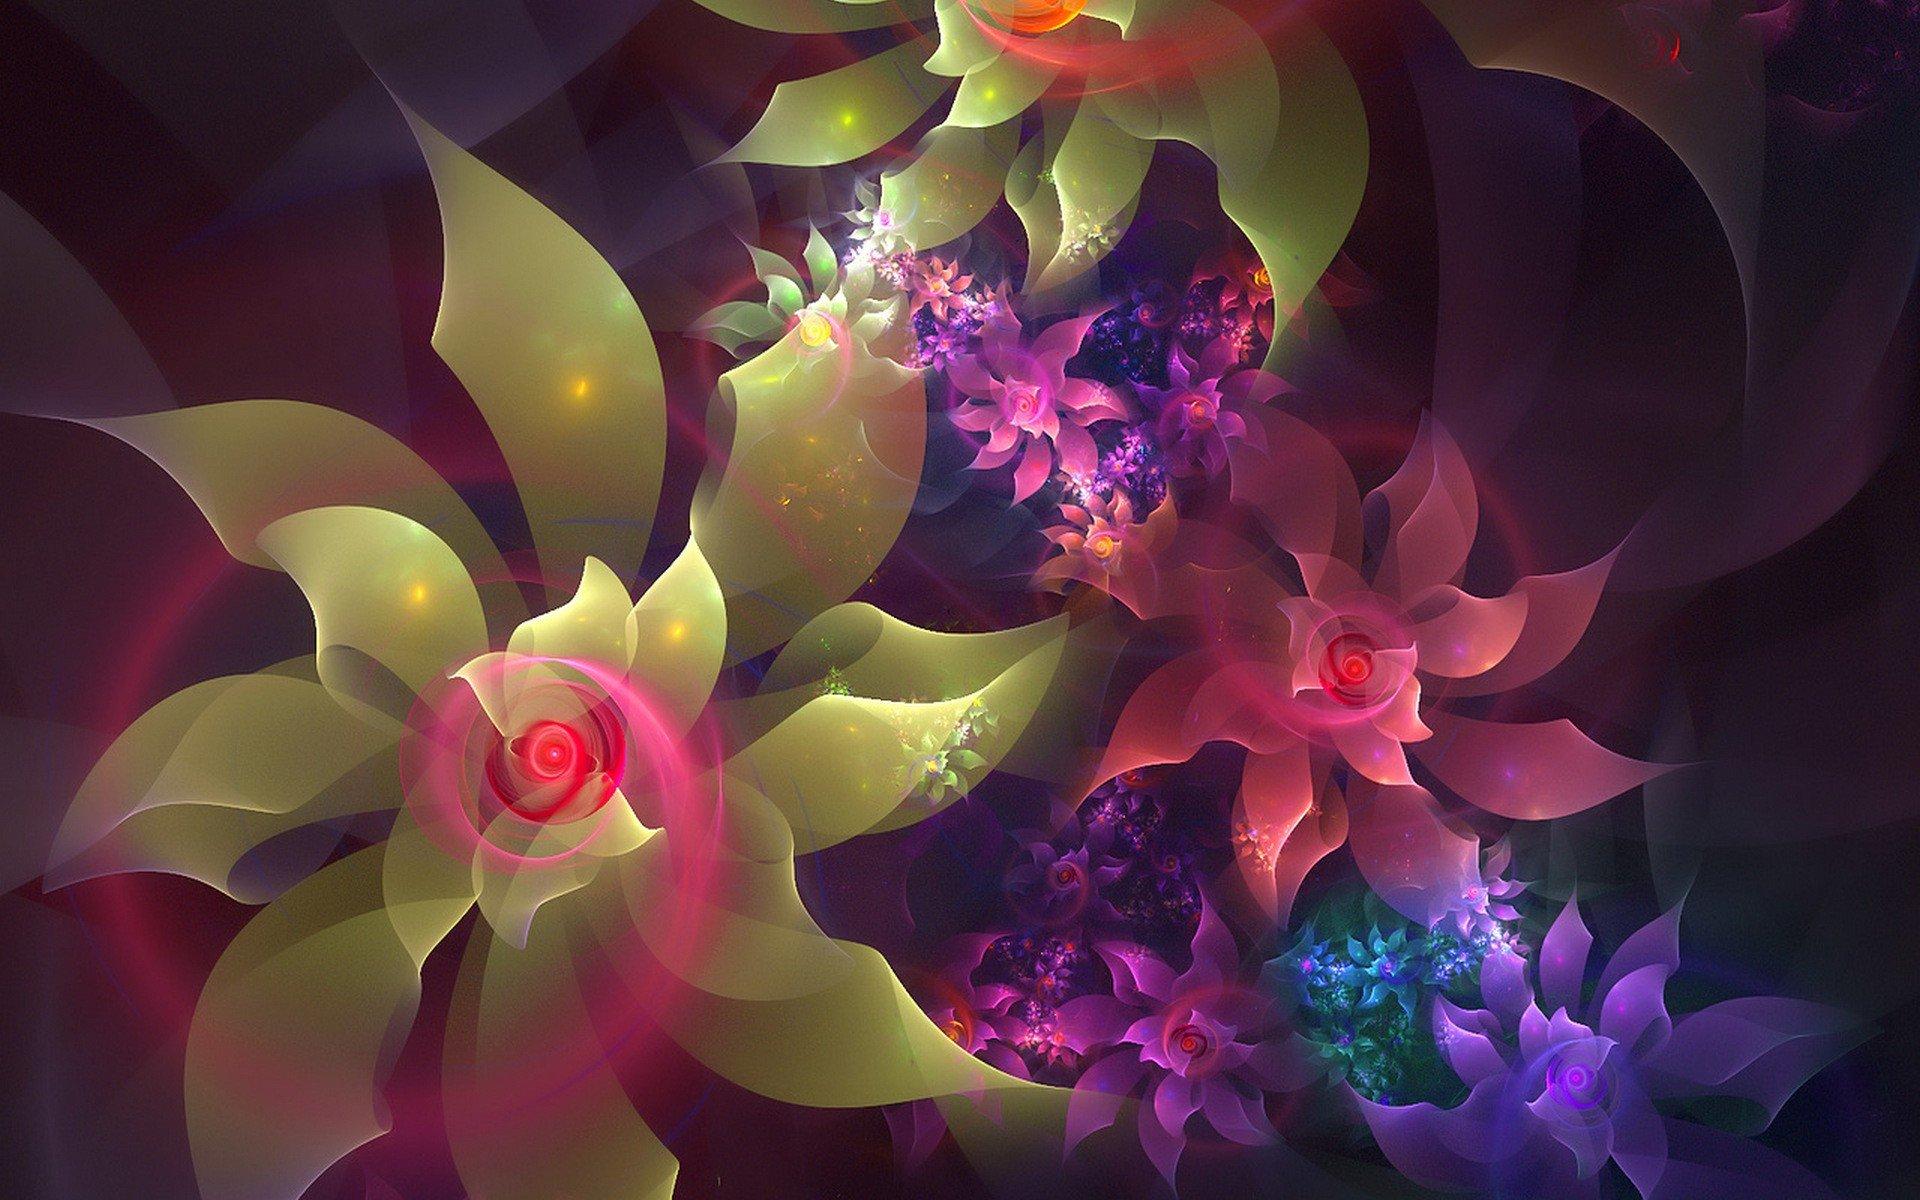 выбор картинки фантазийных цветов субботу